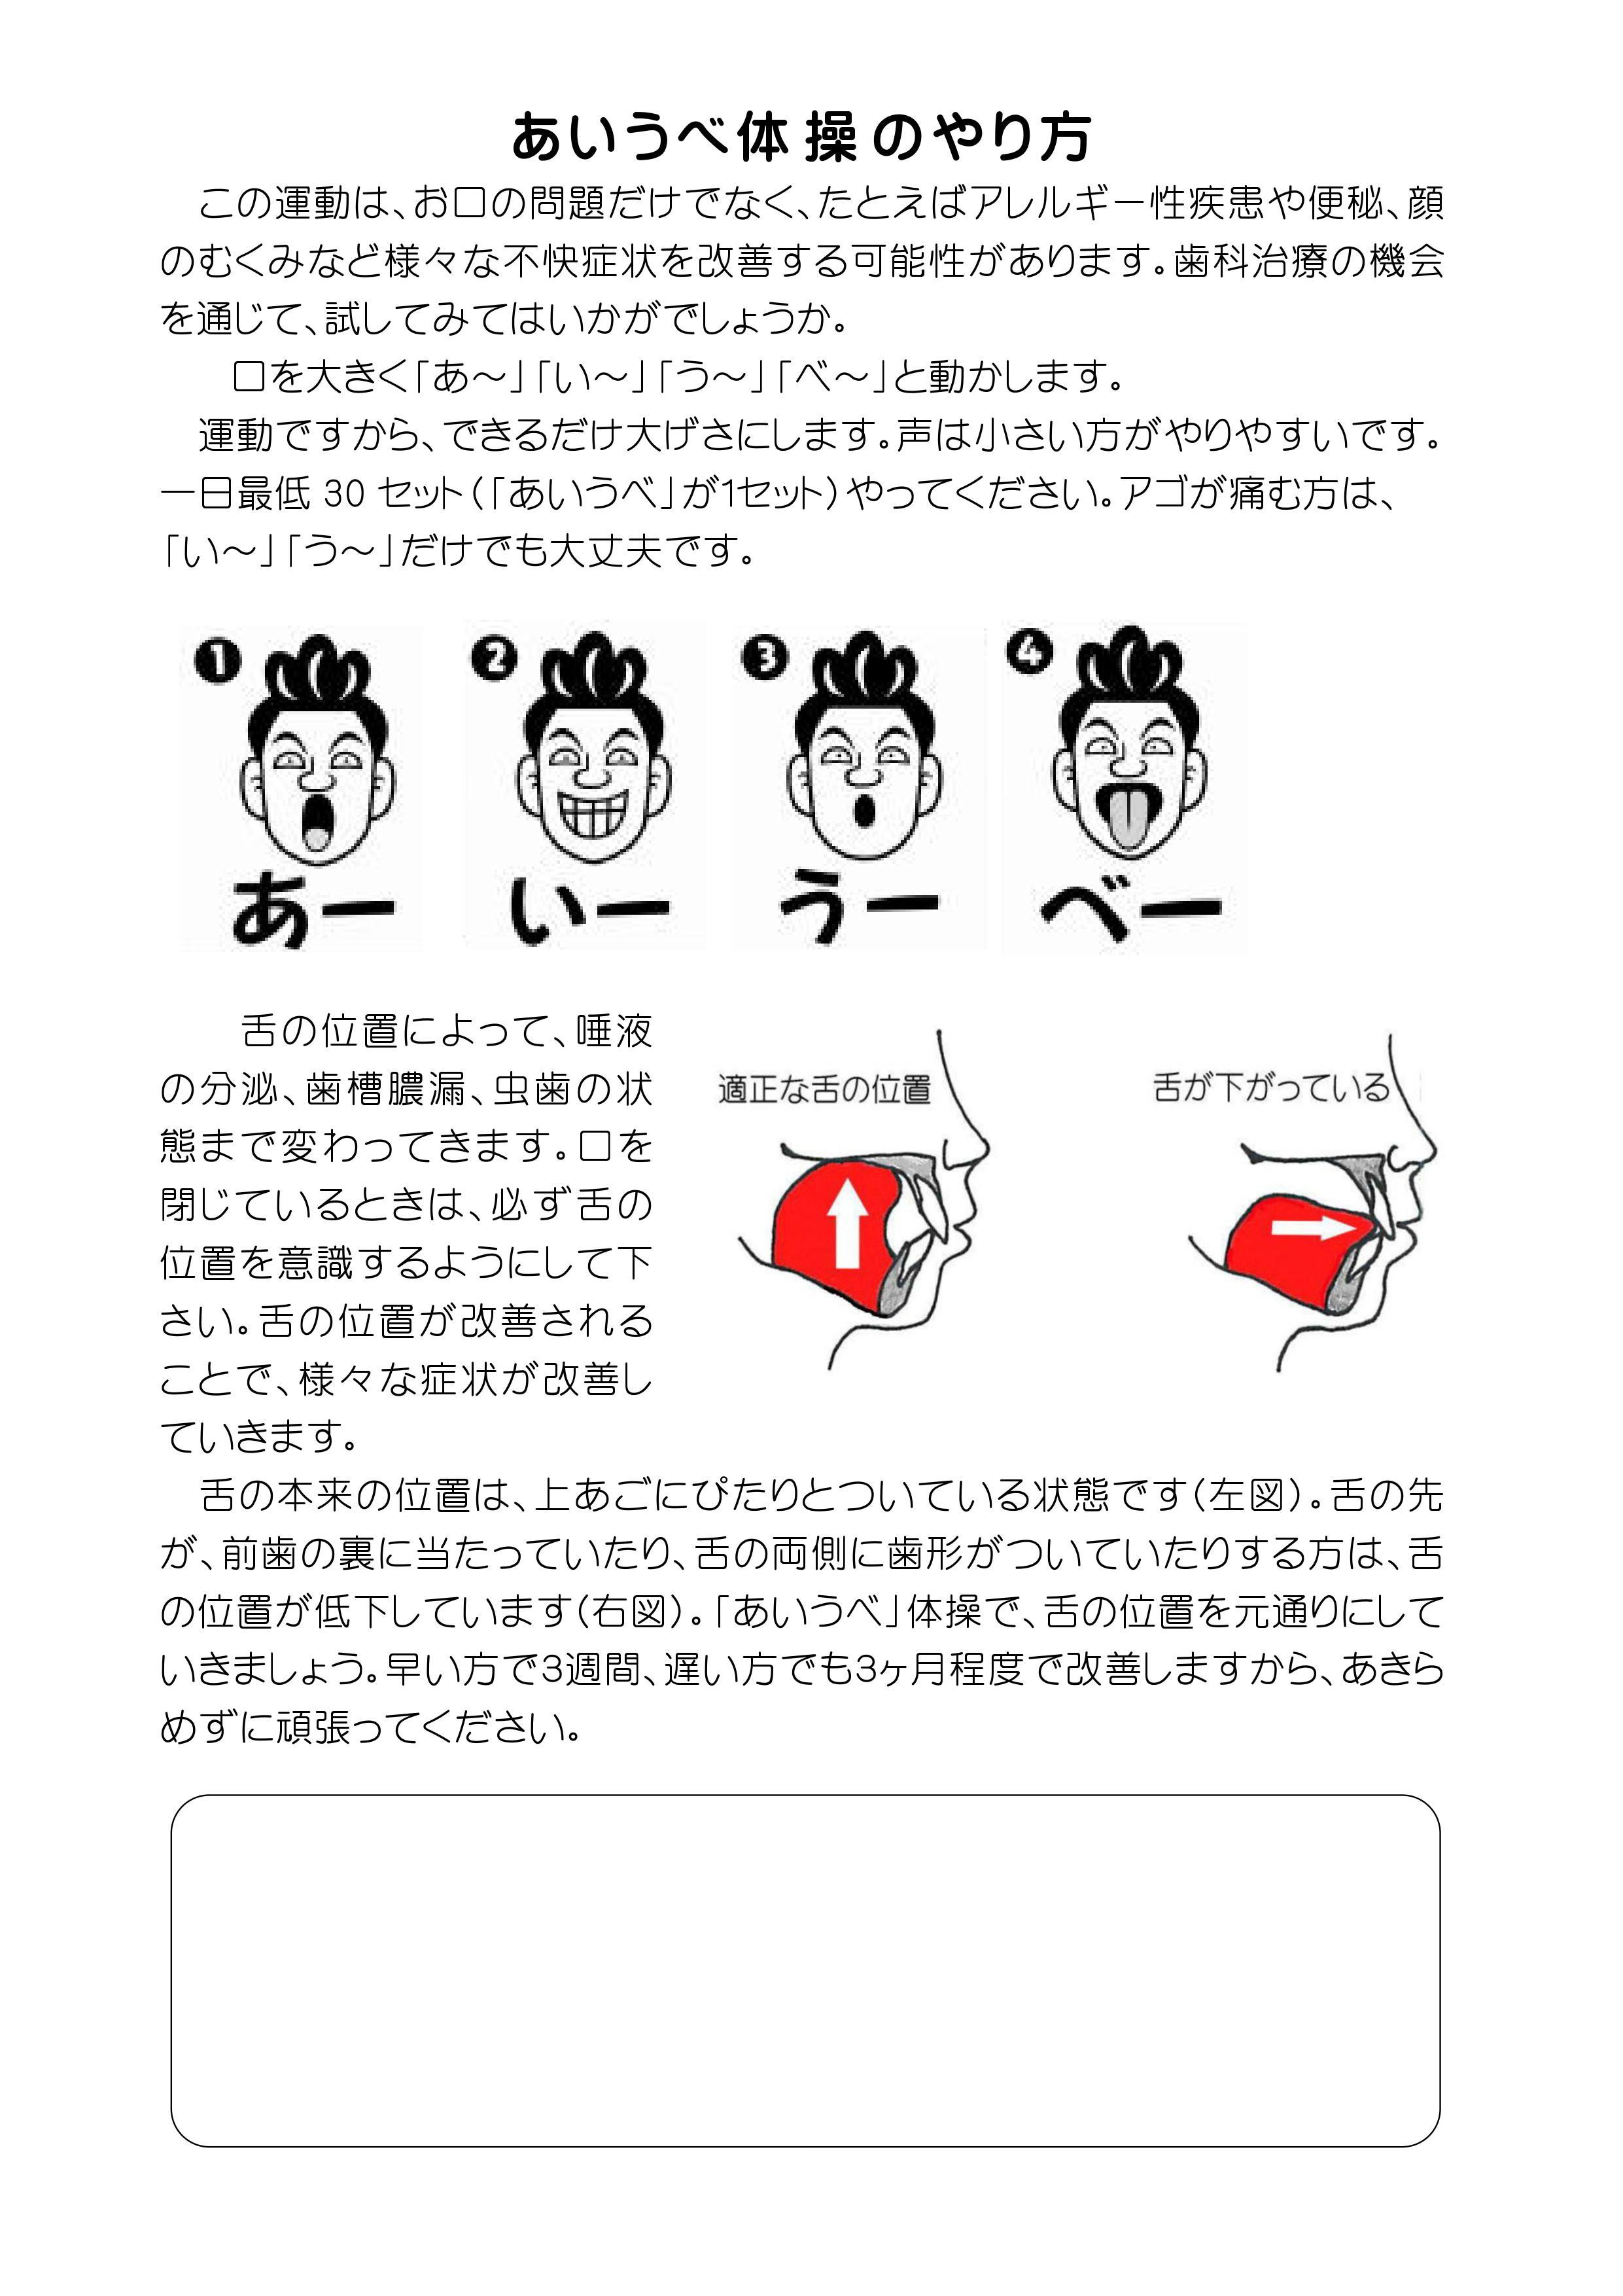 あいうべ体操.jpg